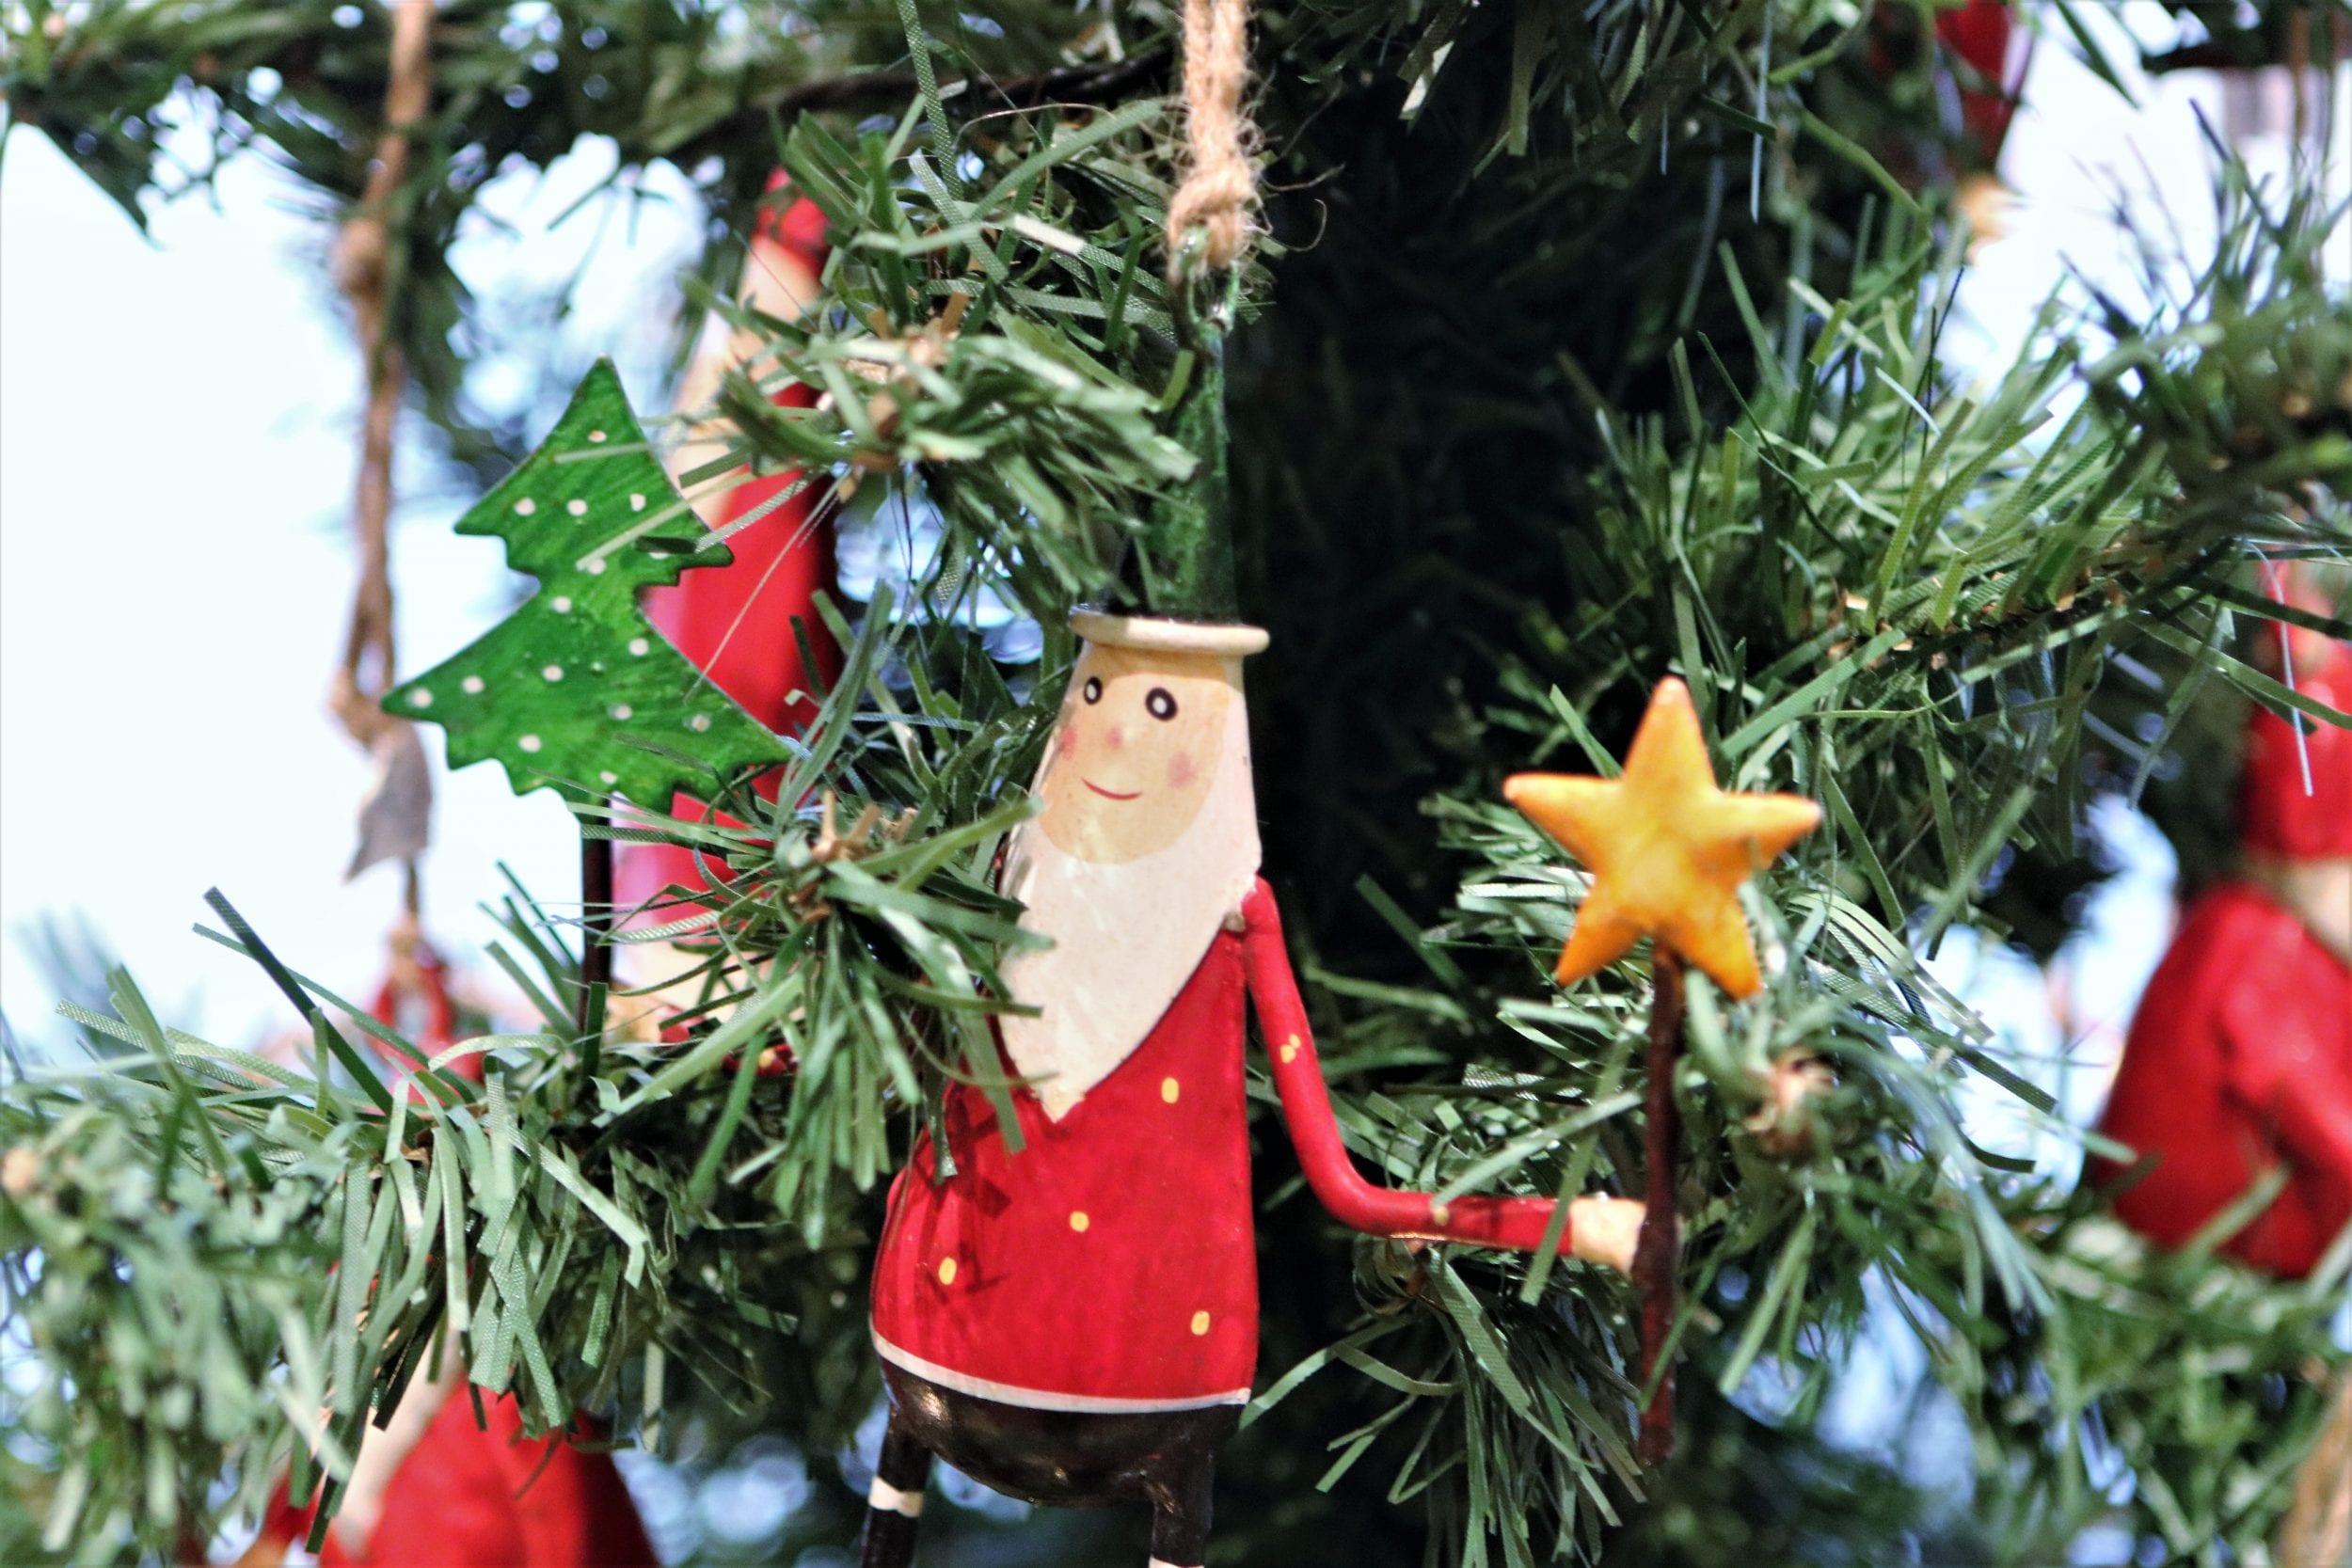 Afhentning af affald omkring jul og nytår